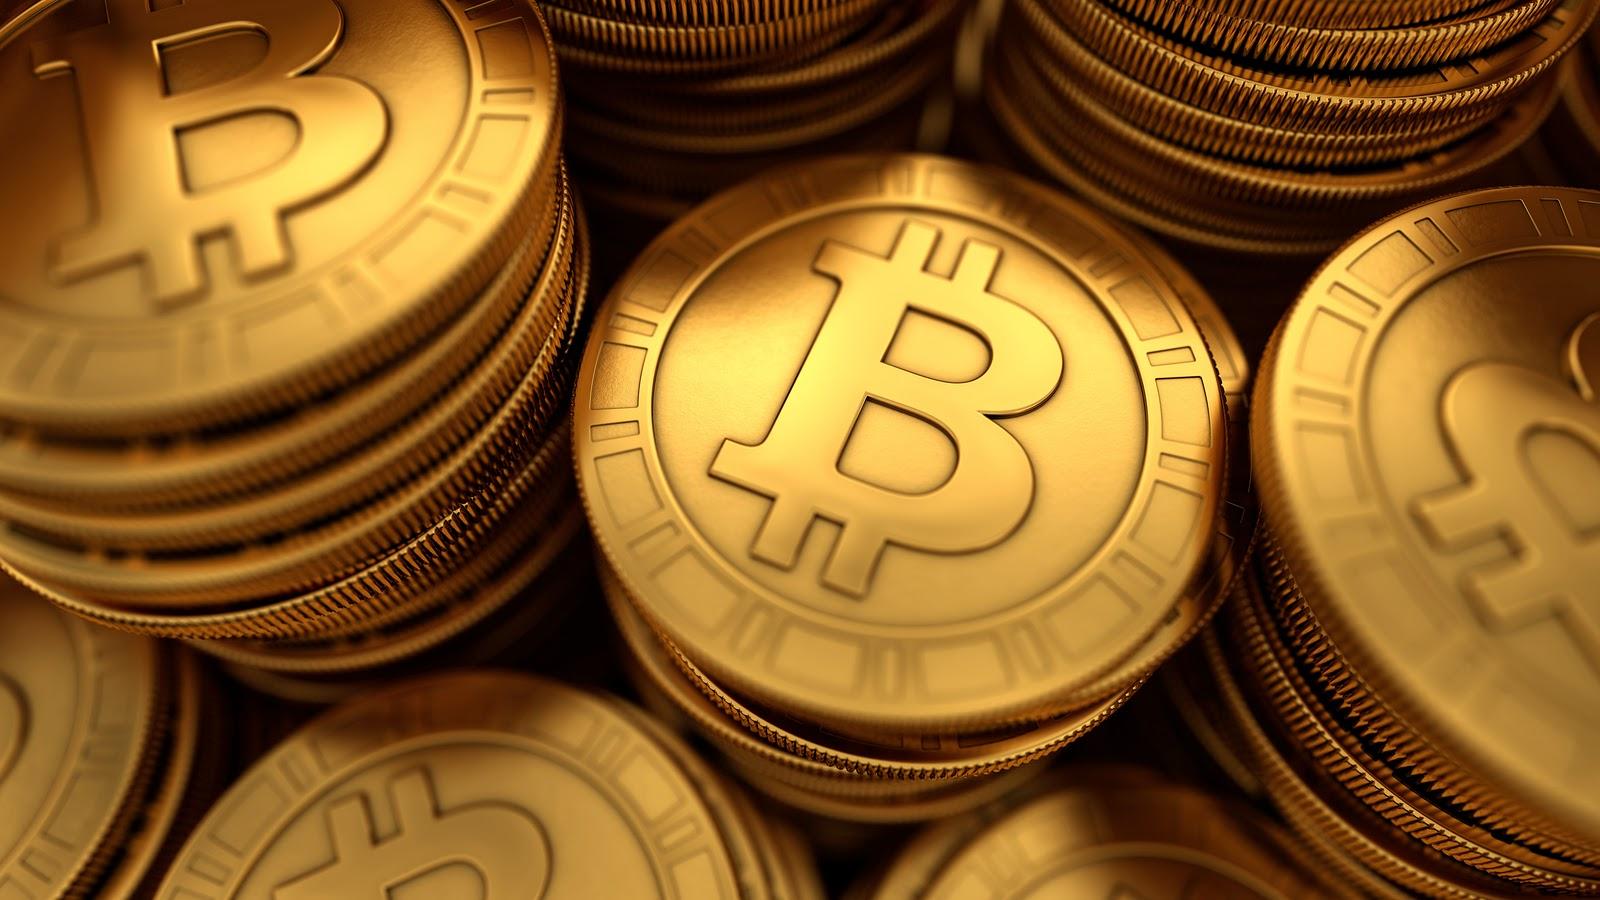 Presidente do Banco Central diz que Bitcoin é esquema de pirâmide